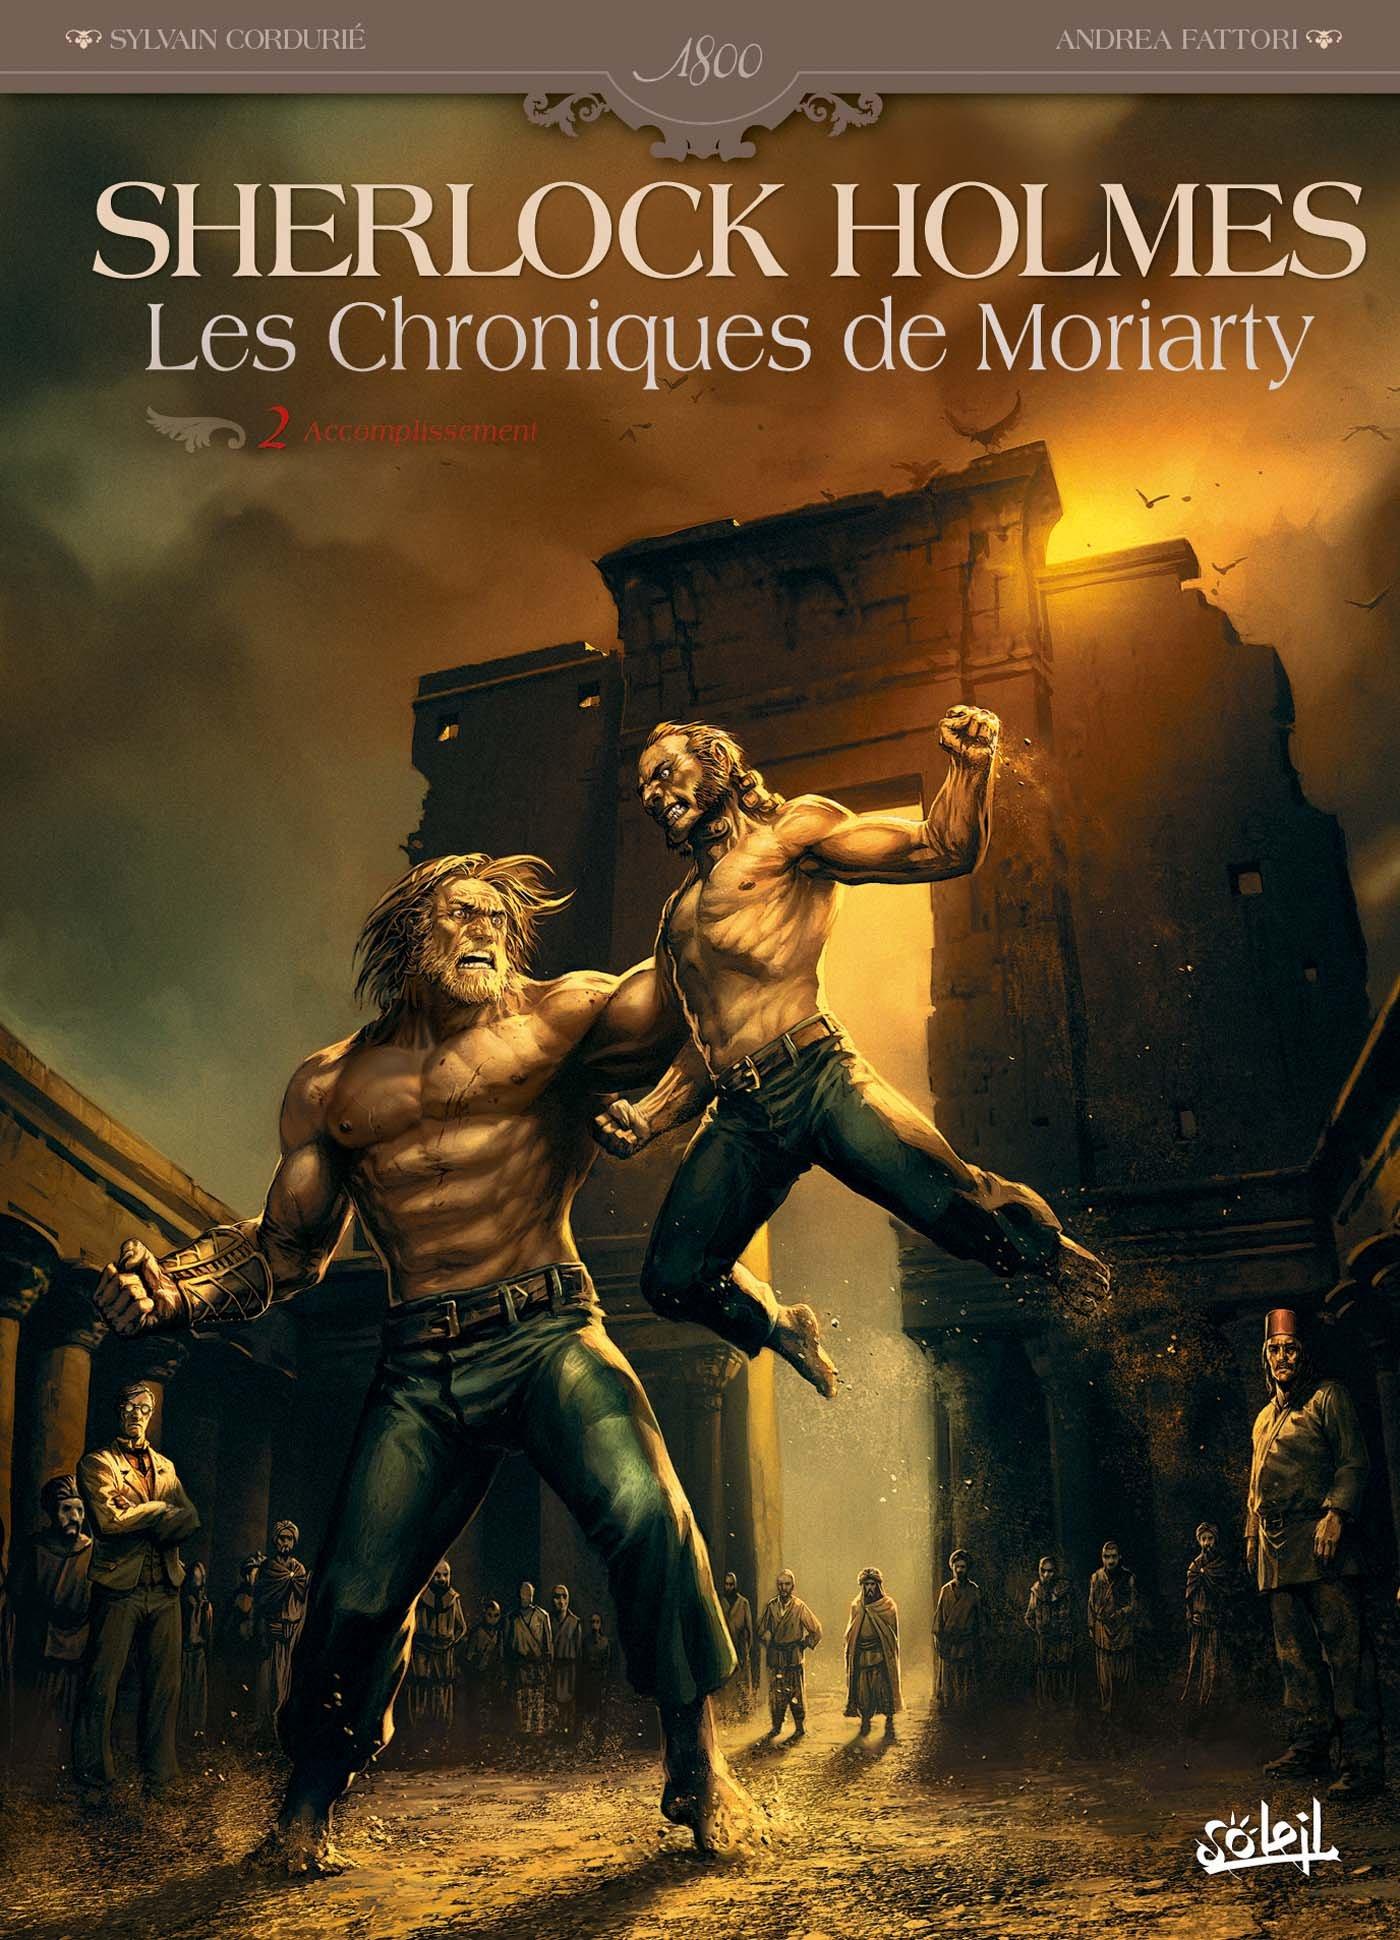 Sherlock Holmes - Les Chroniques de Moriarty - T02 - Accomplissement PDF